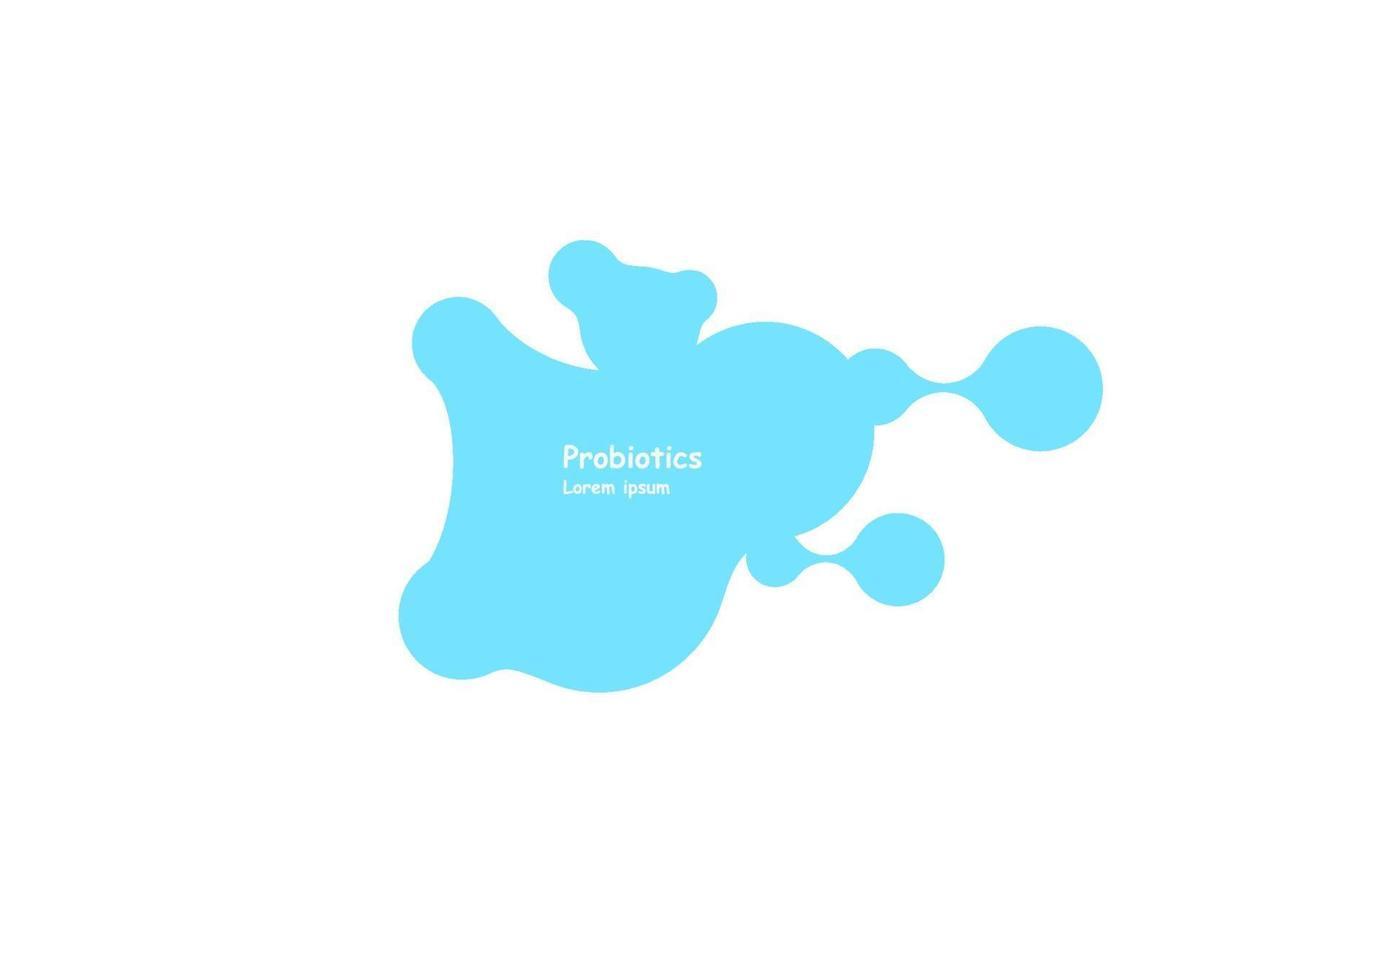 probiotica bacteriën vector ontwerp. probiotica bacteriën vector ontwerp. concept van ontwerp met lactobacillus probiotische bacteriën. sjabloonontwerp met prebiotisch gezond voedingsingrediënt